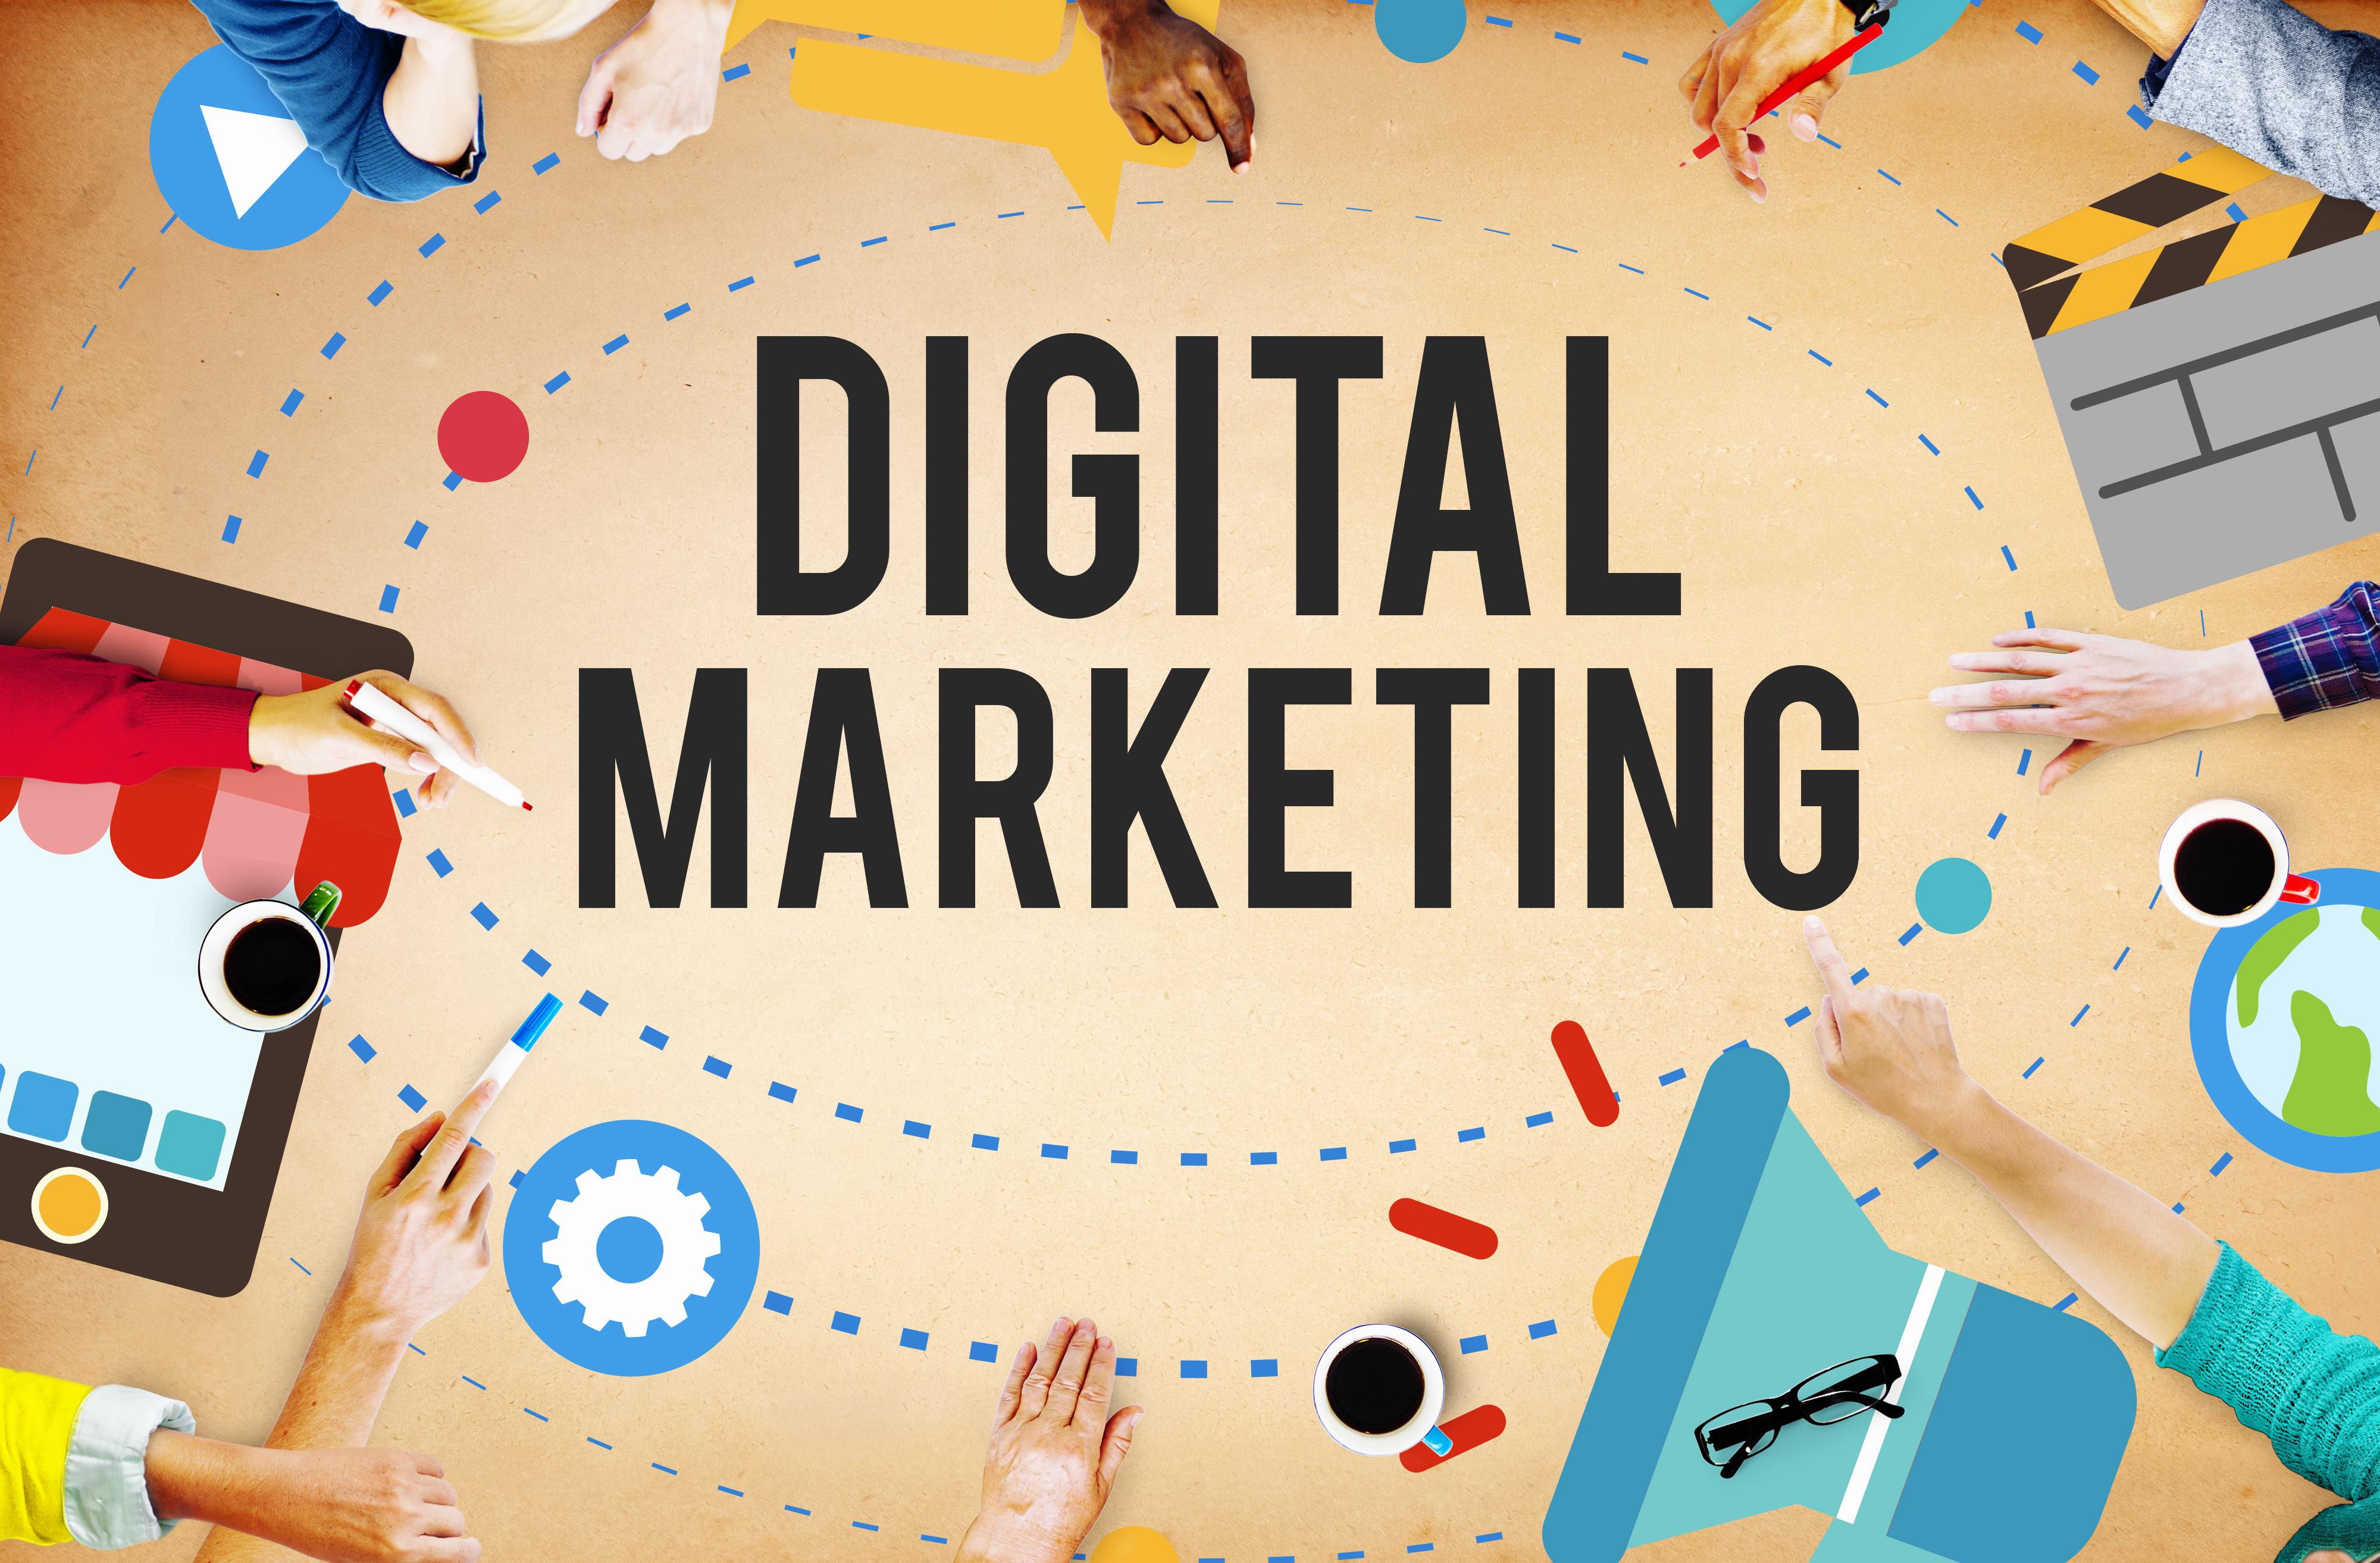 Тренды в маркетинге. Профессия маркетолога в 21 веке.